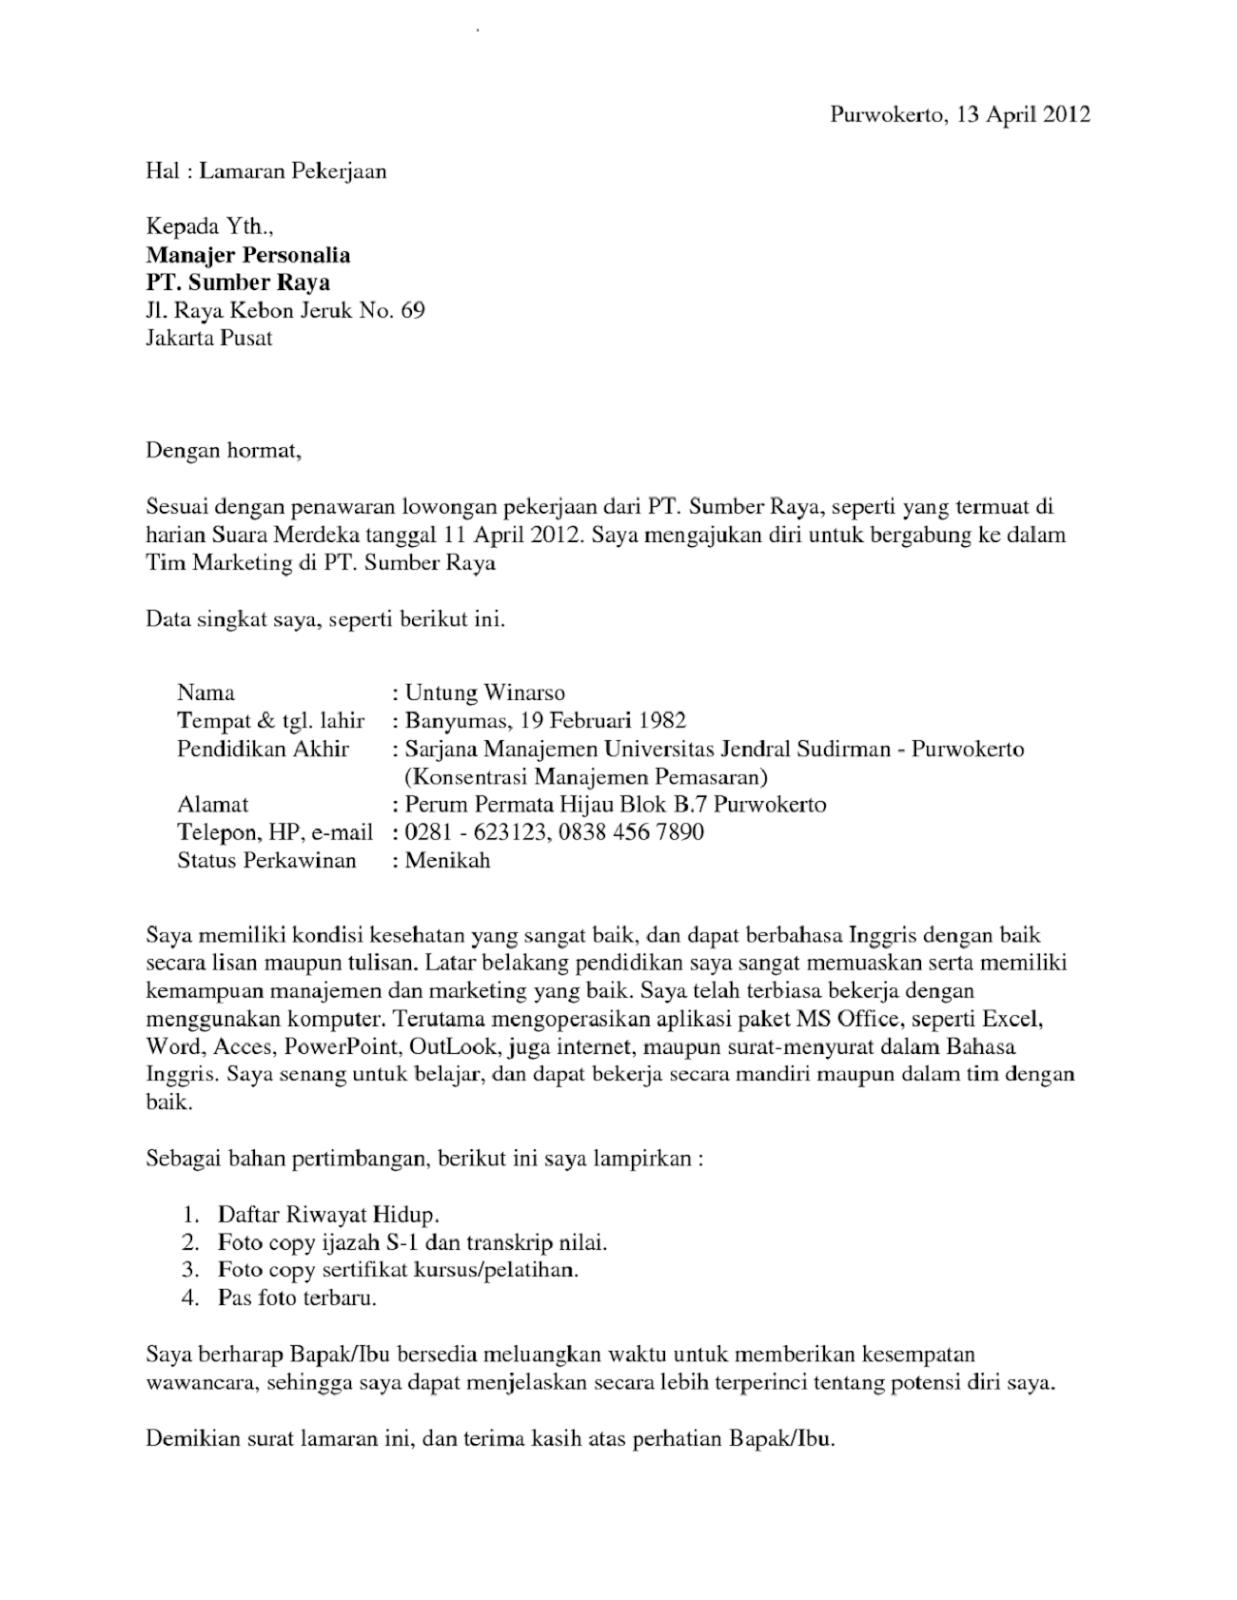 Inilah Kumpulan Contoh-contoh Surat Lamaran Pekerjaan Model Terbaru